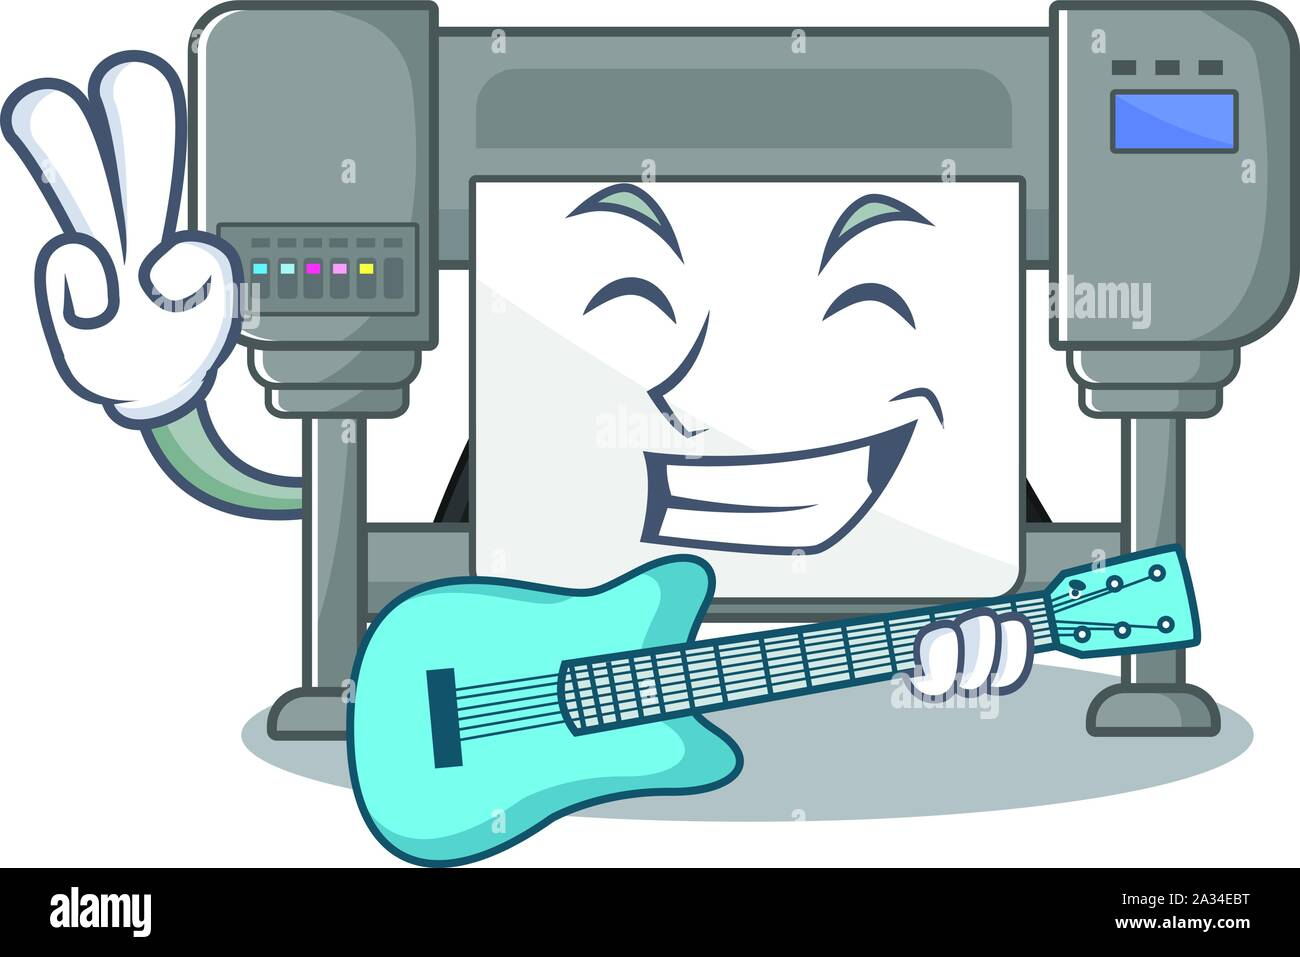 Guitar Plotter